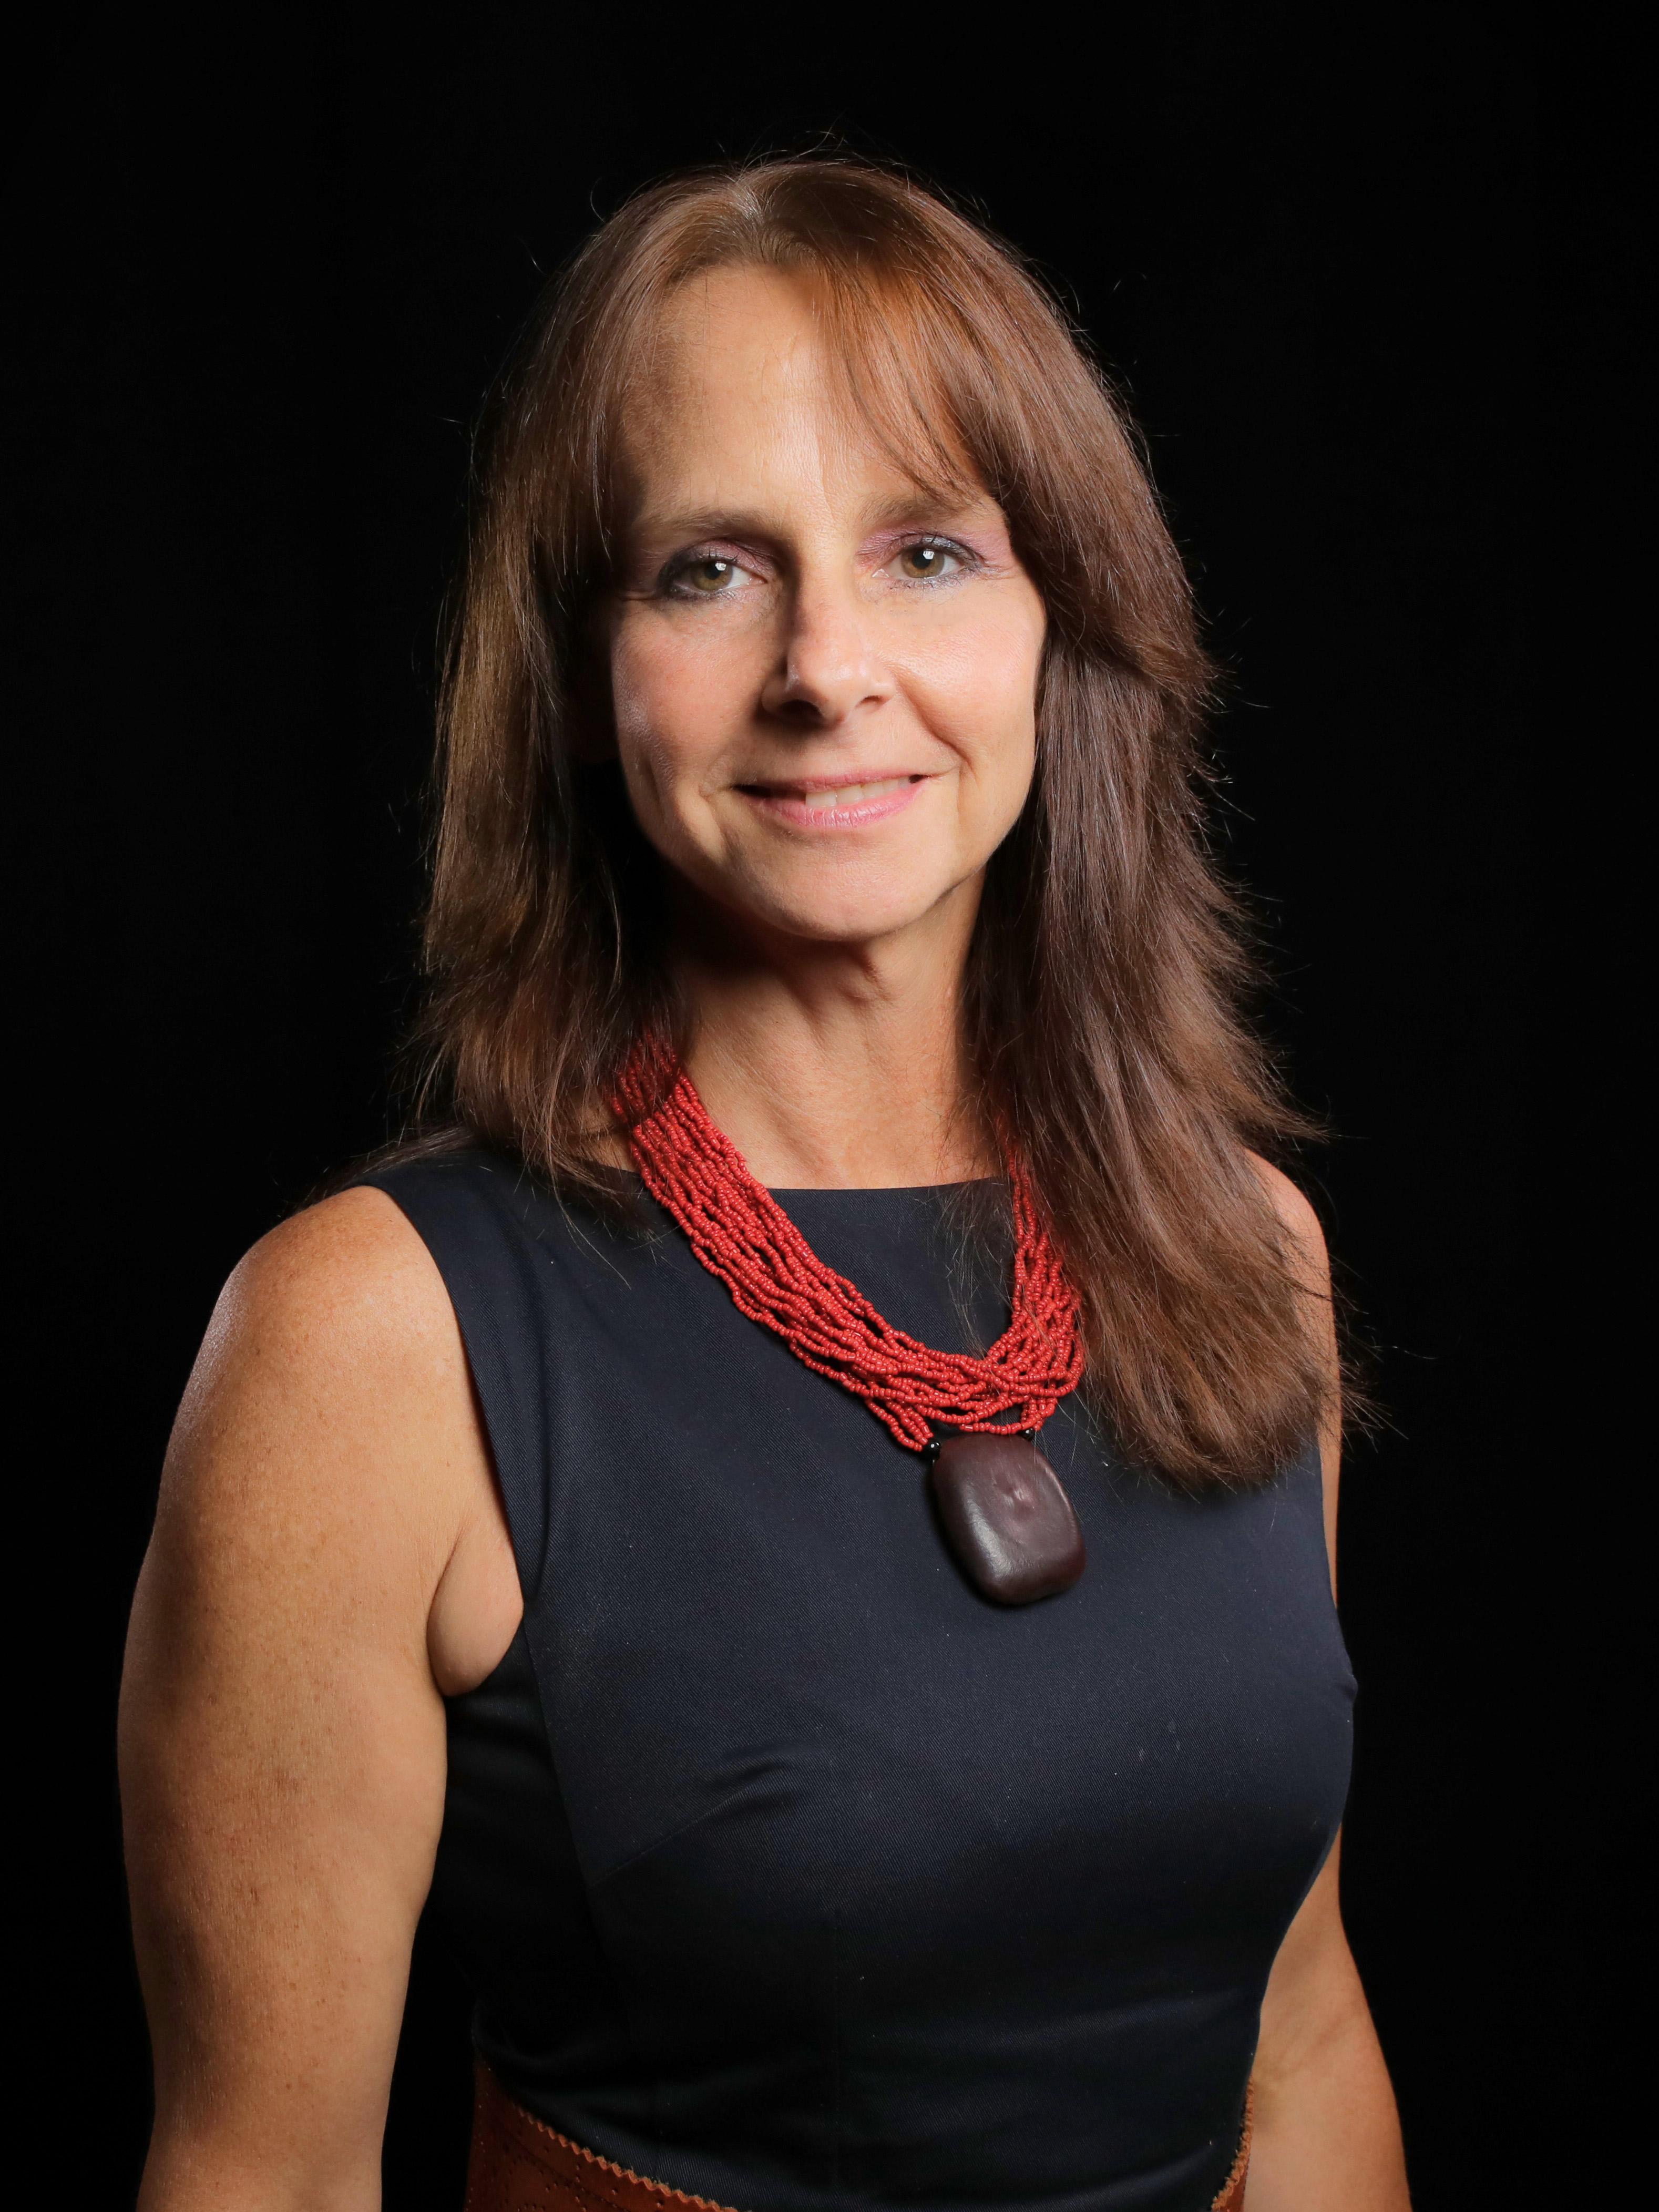 Dr. Carla Becker